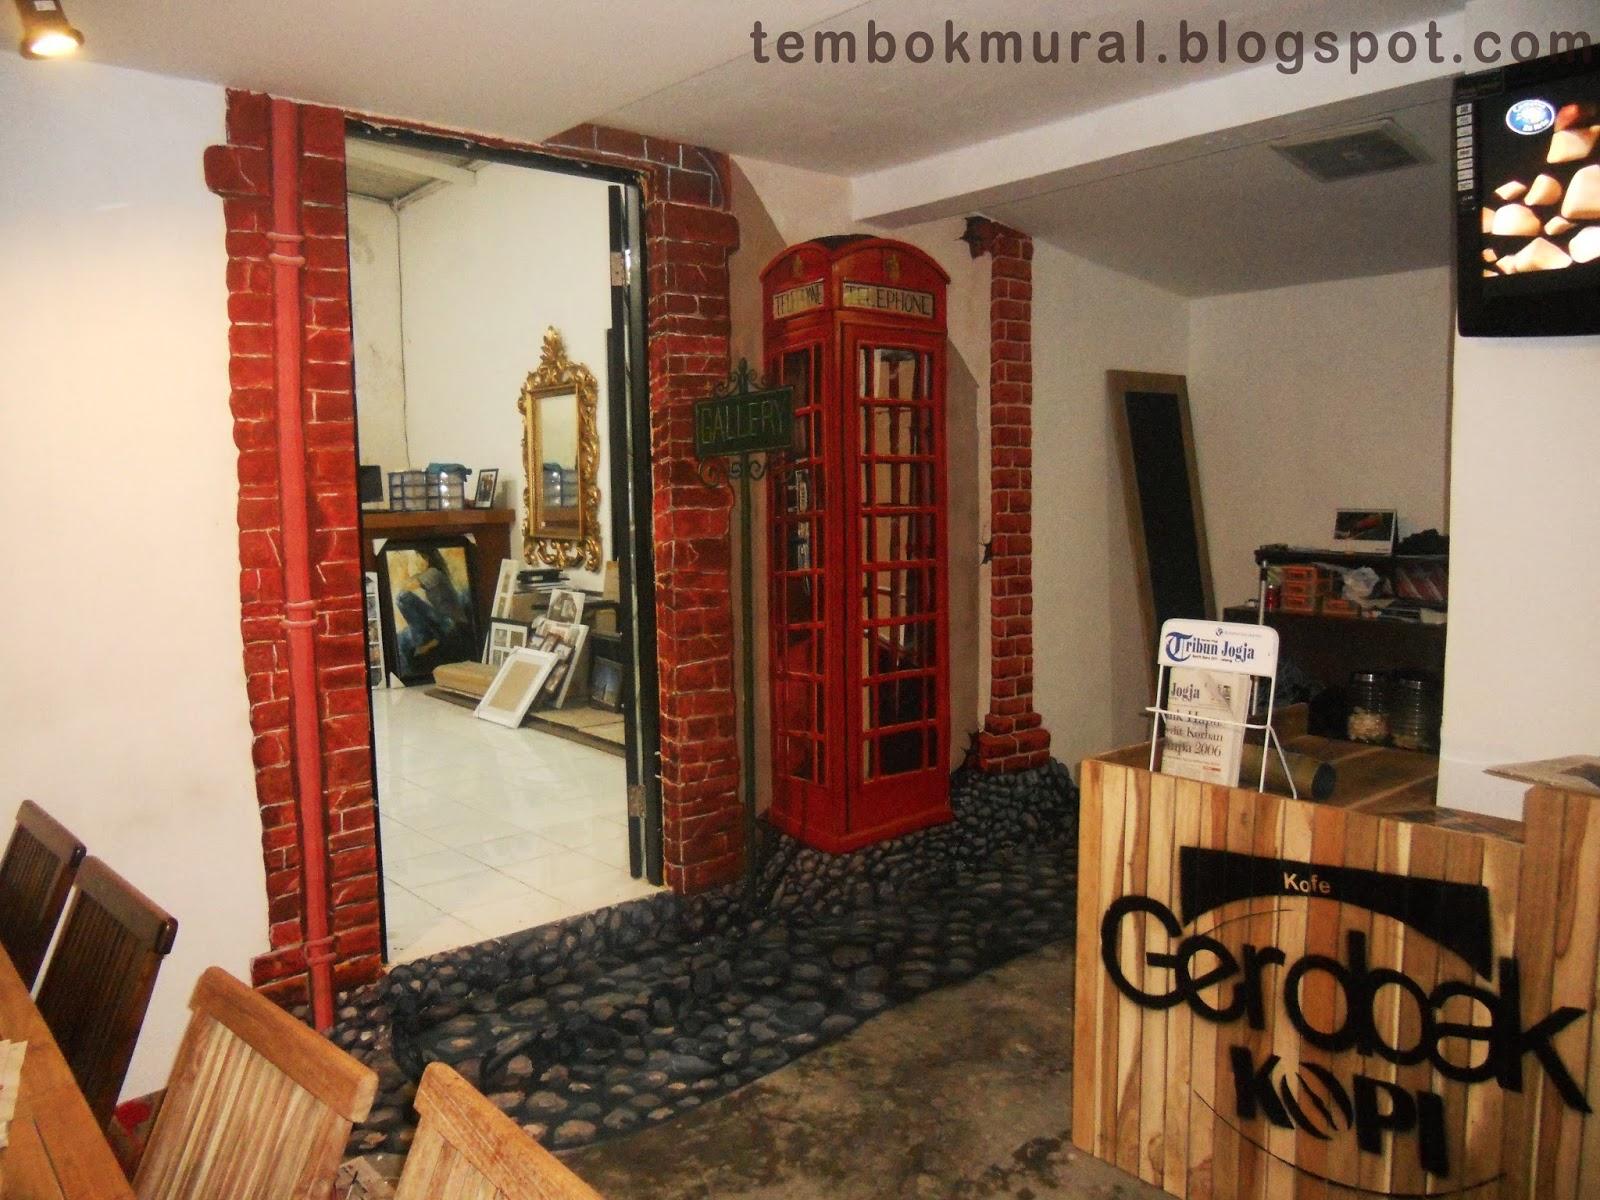 Tembok mural jogja for Mural untuk cafe